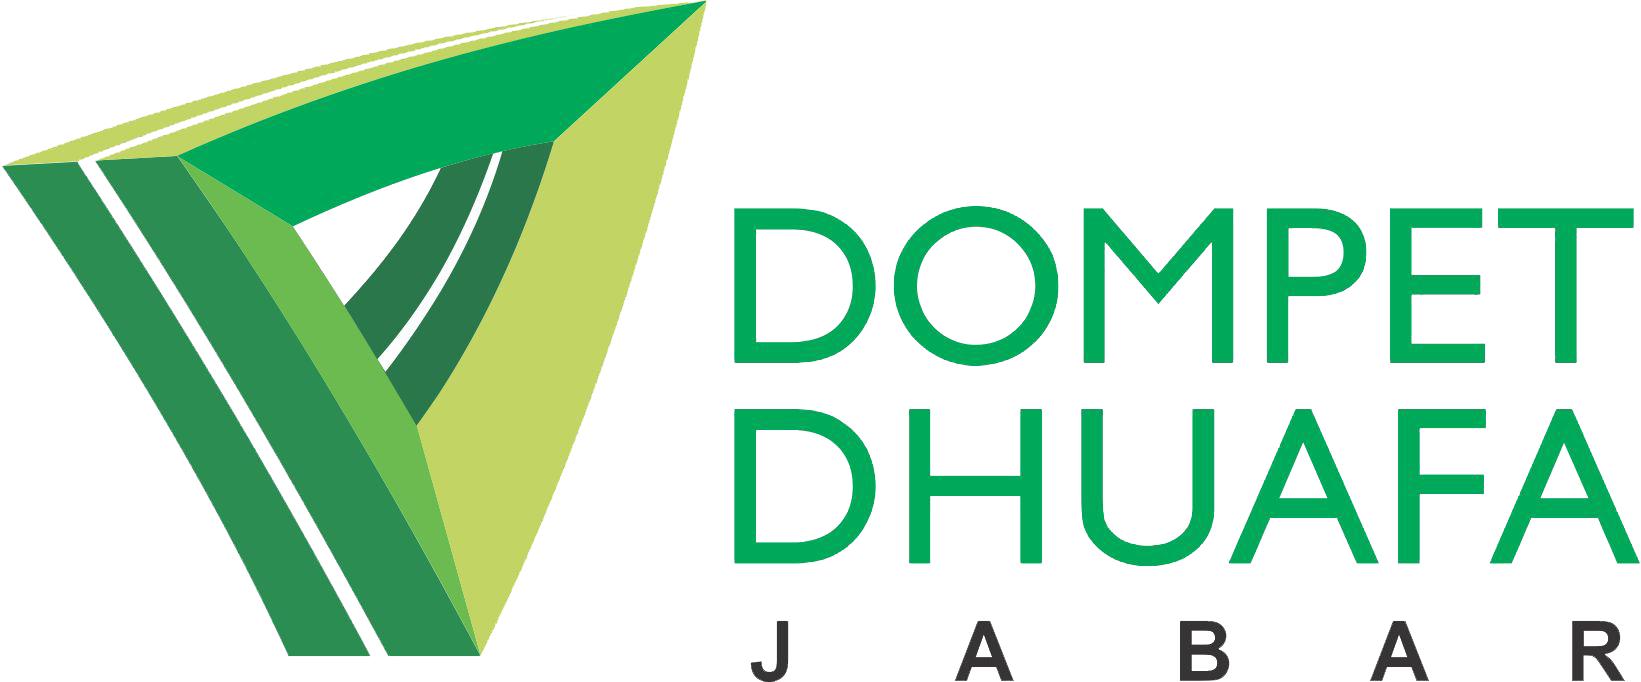 logo-DD-Jabar-copy-1